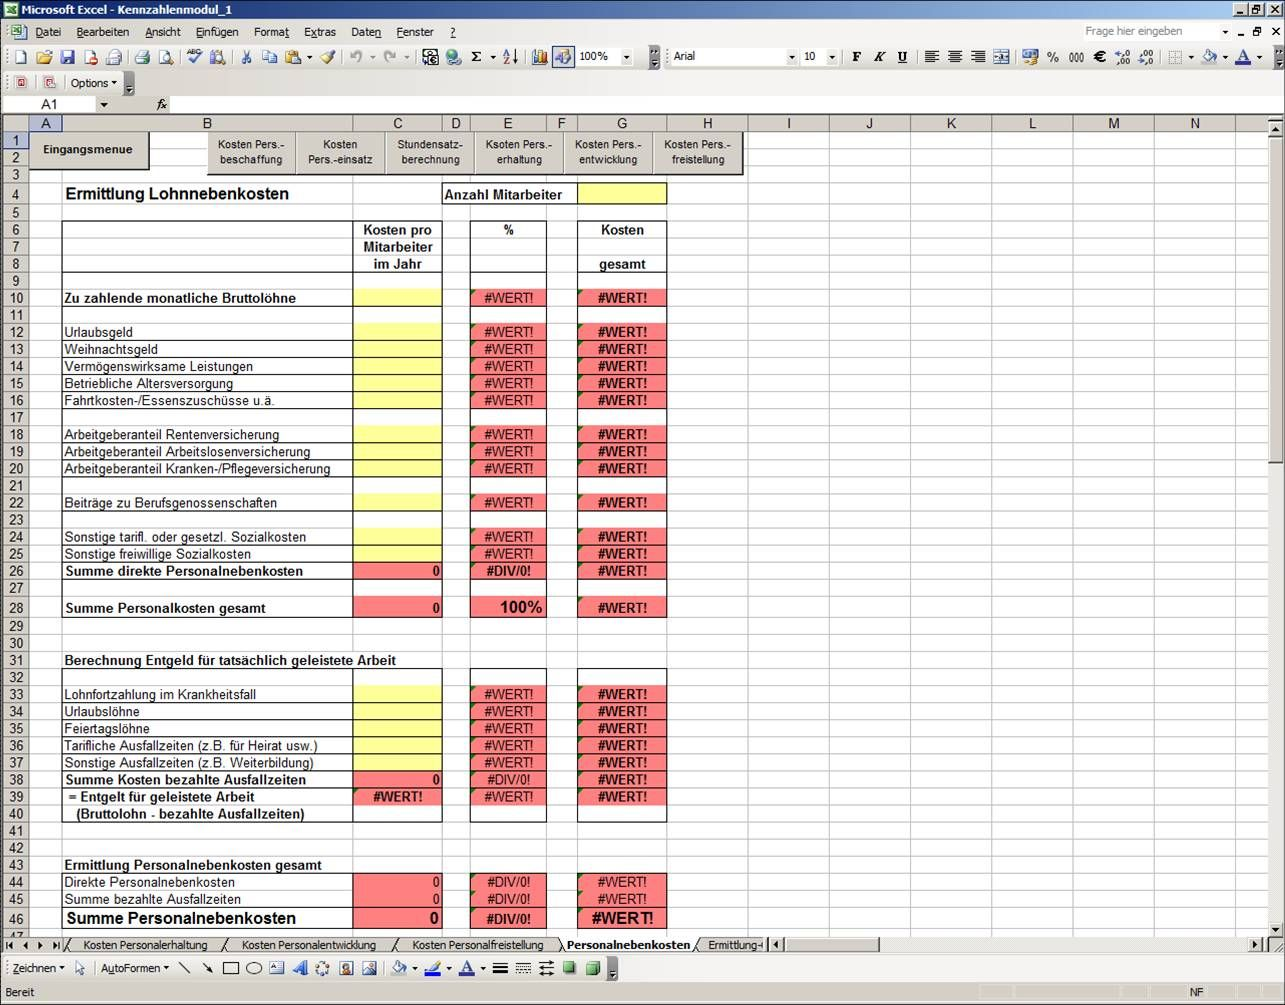 Groß Monatliche Berichtsvorlage Excel Bilder - Entry Level Resume ...